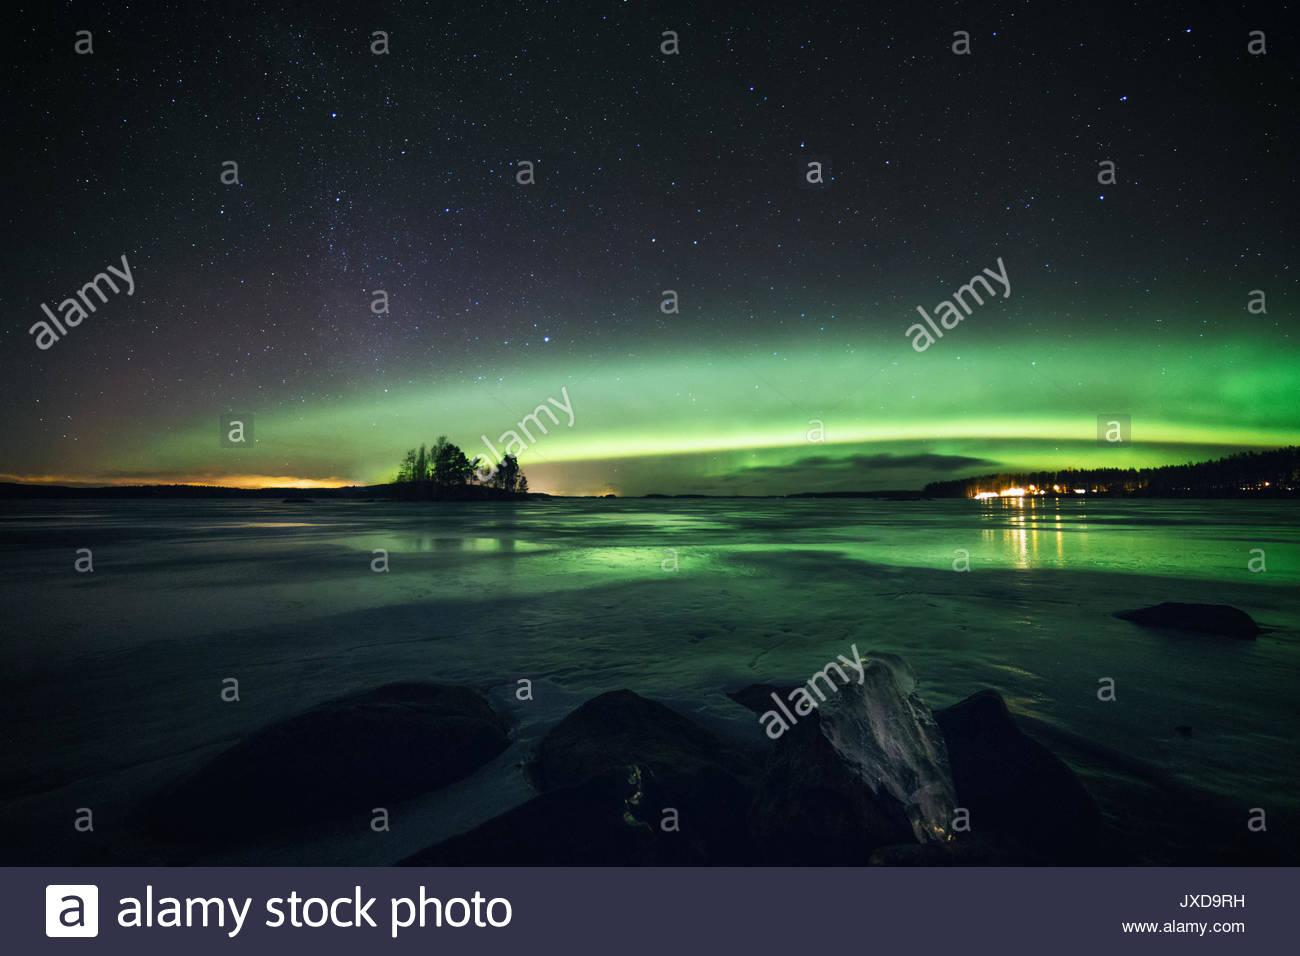 Christmas lights at the sky - Stock Image